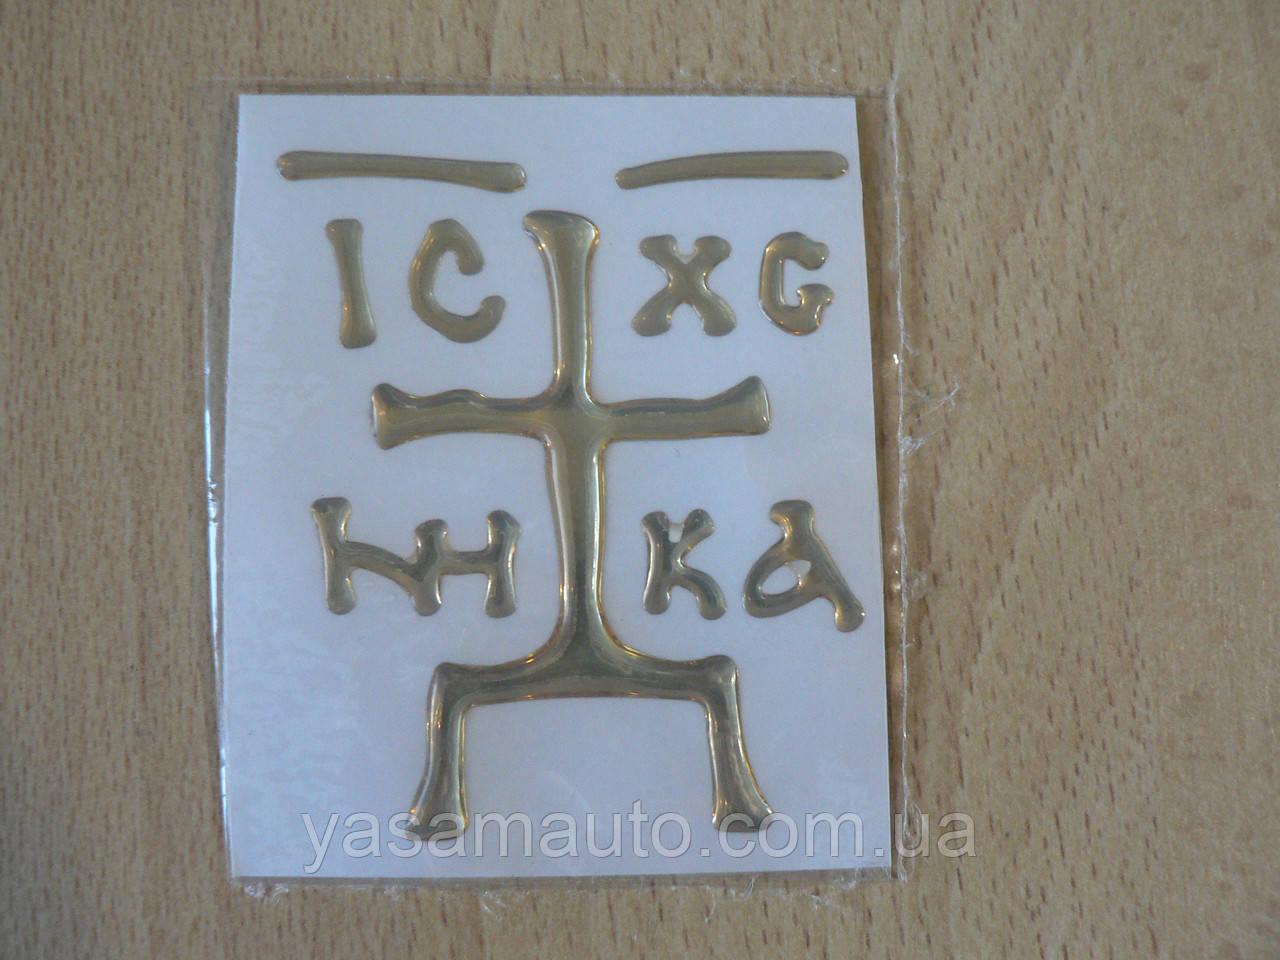 Наклейка s Спаси и Сохрани Крест 60х74мм  золотистая силиконовая Уценка №11 буквы Х Ж К и А контурная на авто